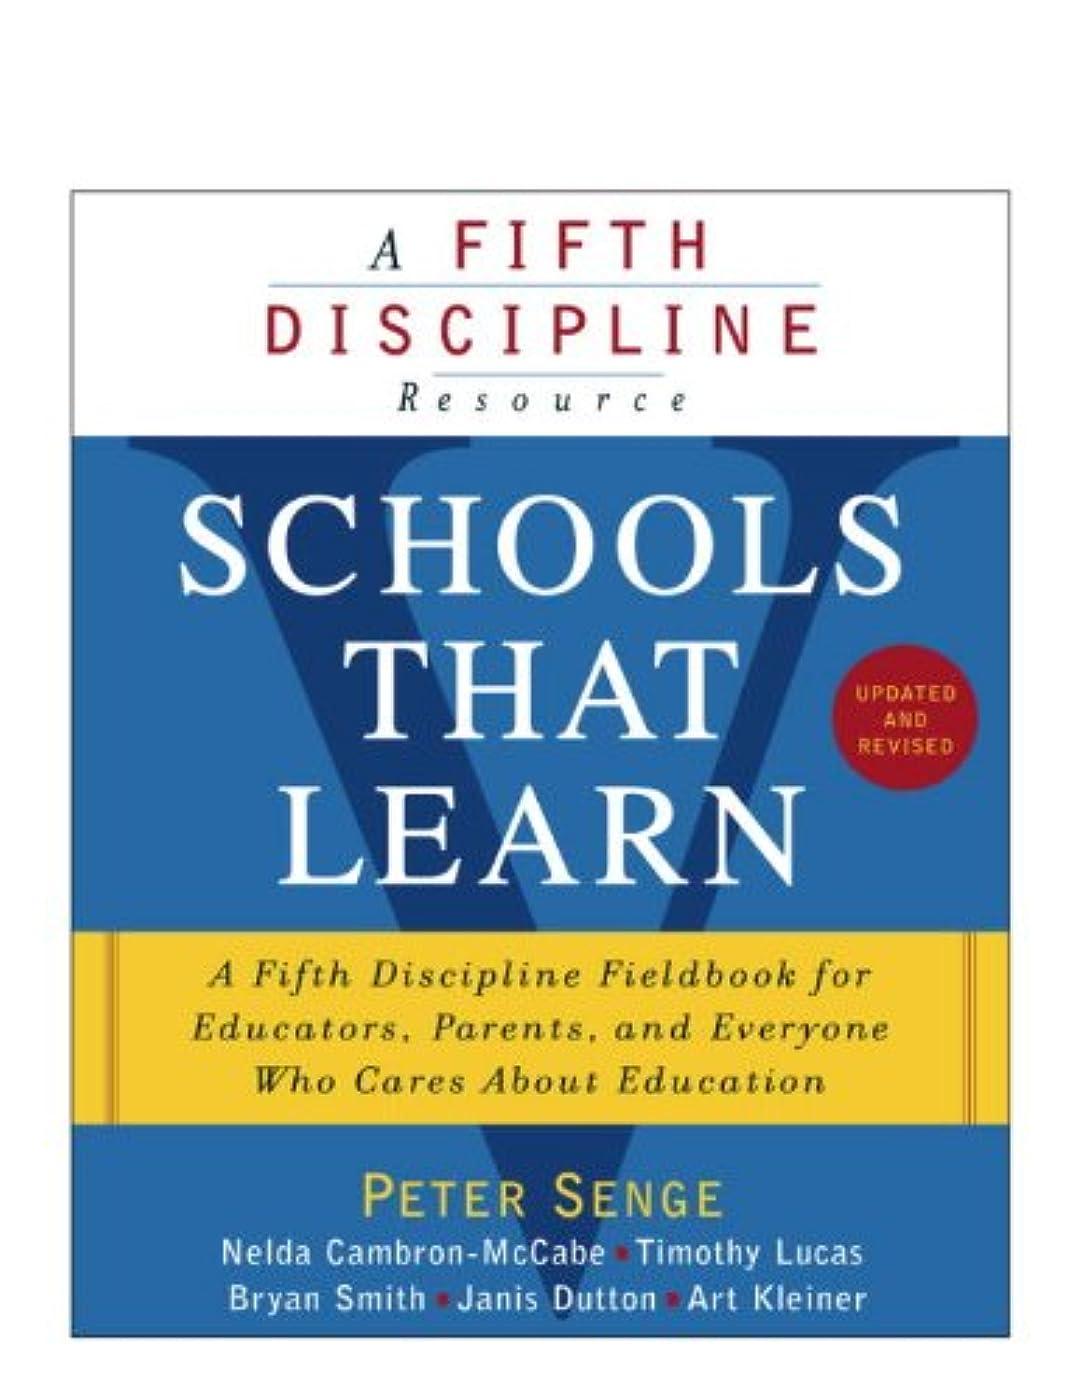 クリーナーバウンス見つけるSchools That Learn (Updated and Revised): A Fifth Discipline Fieldbook for Educators, Parents, and Everyone Who Cares About Education (English Edition)